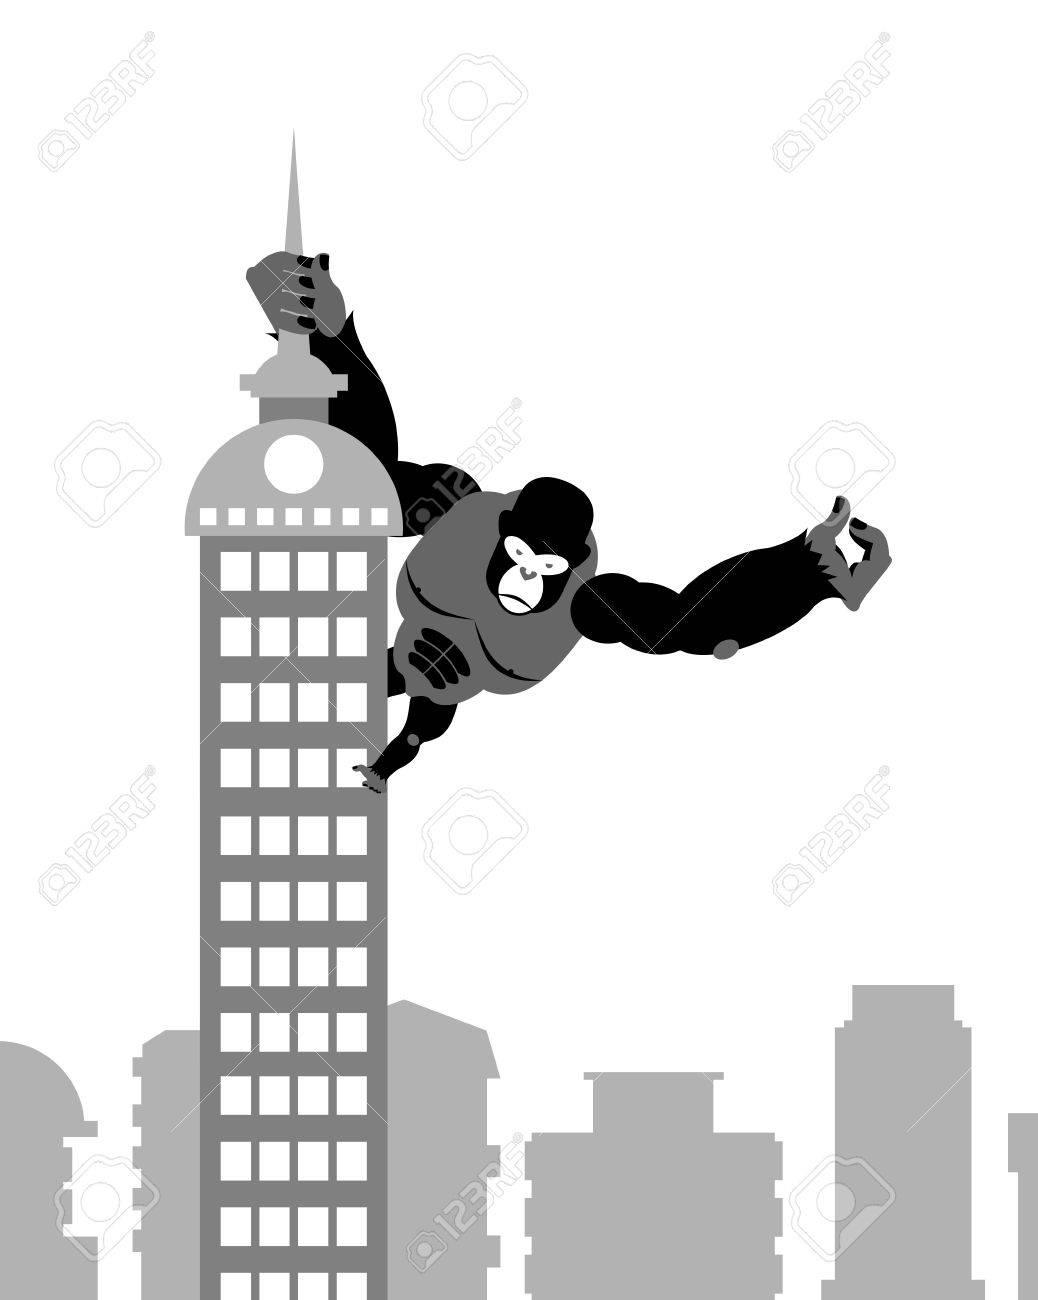 King Kong En La Construcción. Gran Gorila Fuerte Guarda Spire ...